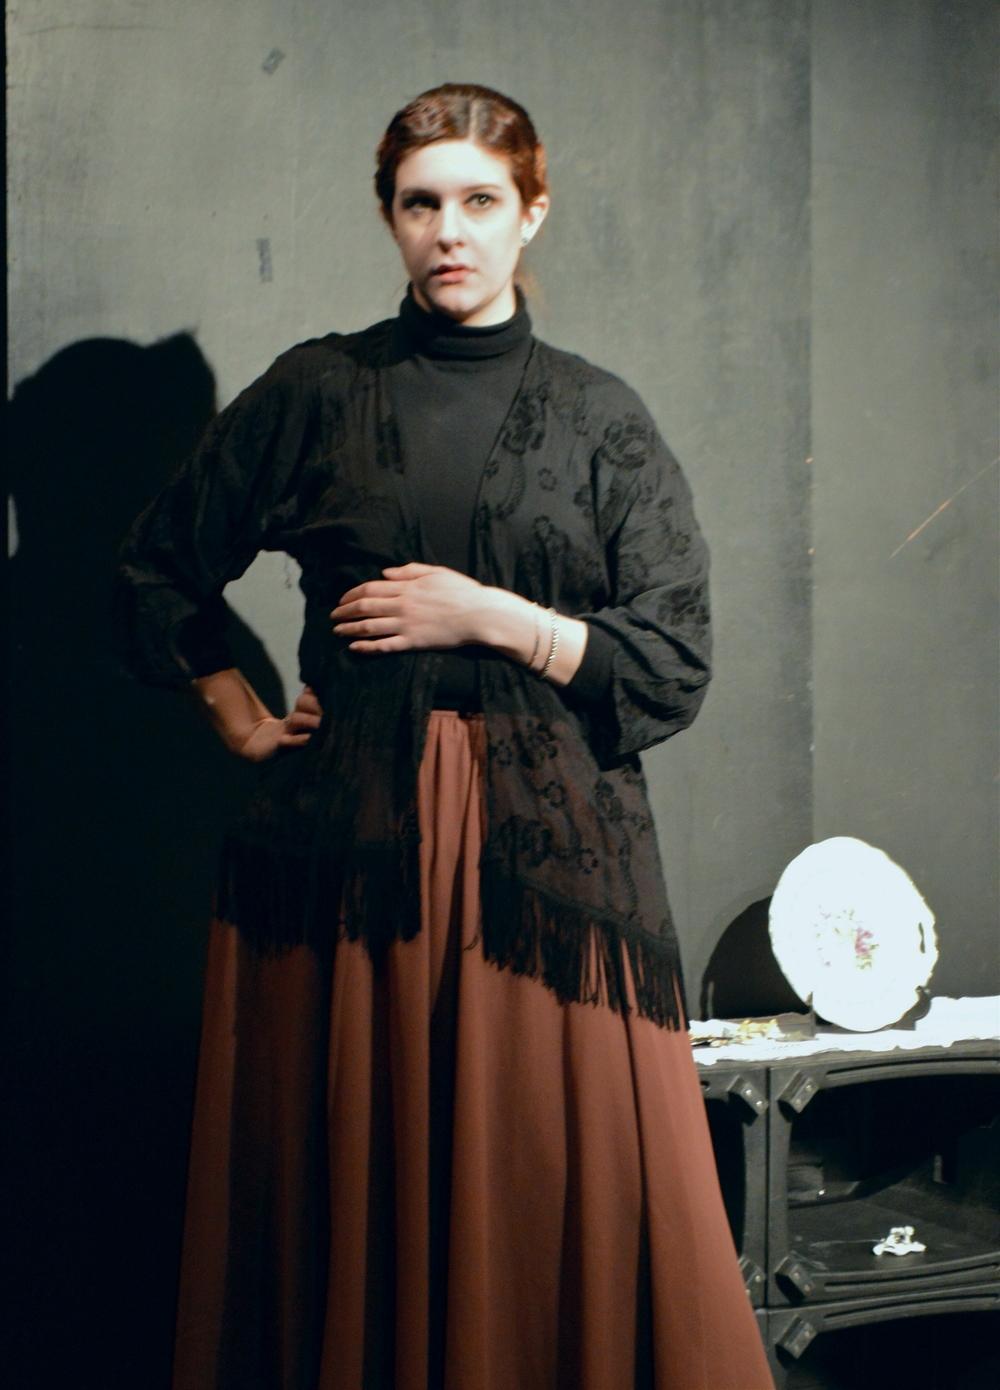 Lottie Lacey